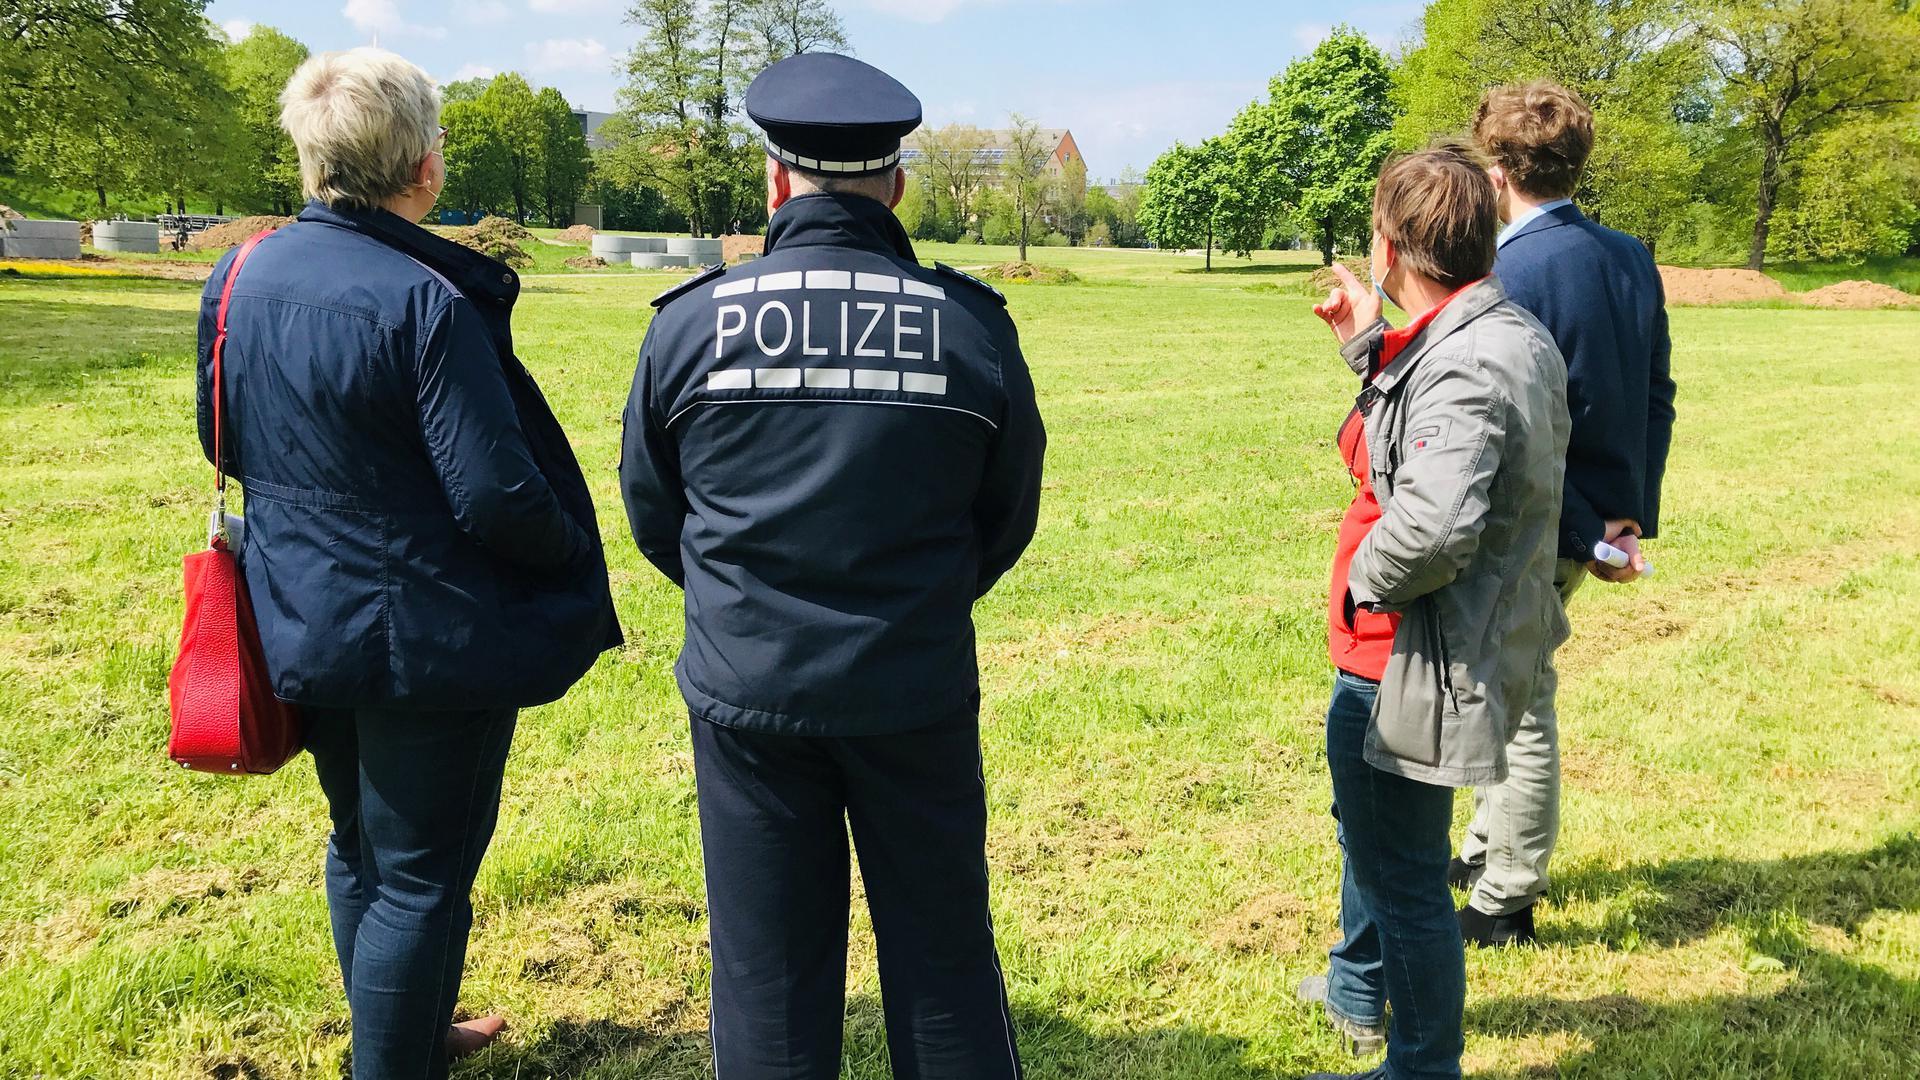 Experten der Stadtverwaltung und der Polizei beraten im Wörthböschelpark in Baden-Baden das Vorgehen zur Entschärfung von Blindgängern aus dem Zweiten Weltkrieg.